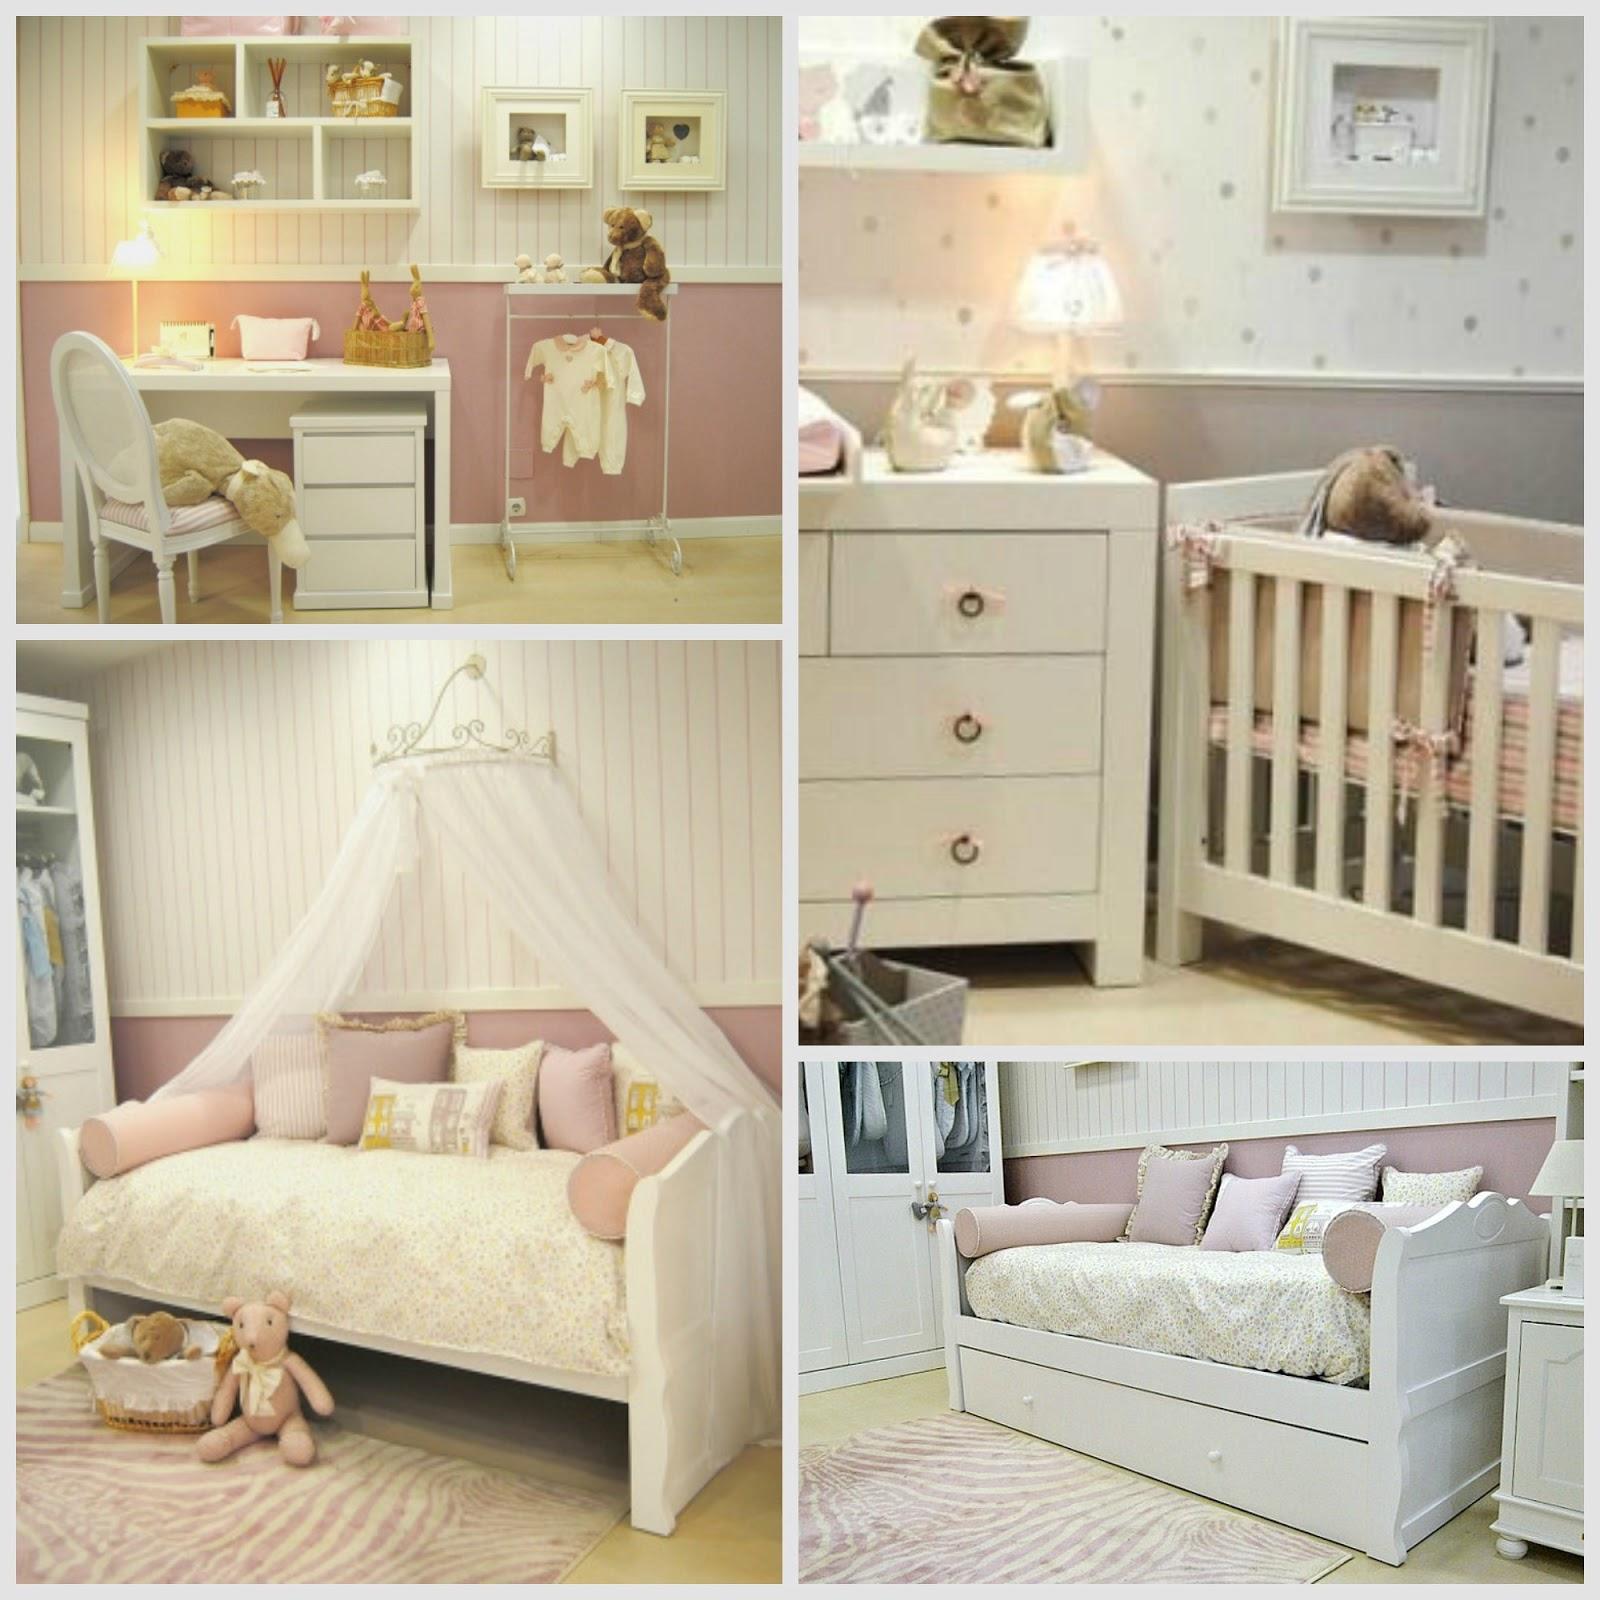 En casa de t a gretel ideas deco para una habitaci n de ni a - Dormitorios infantiles clasicos ...